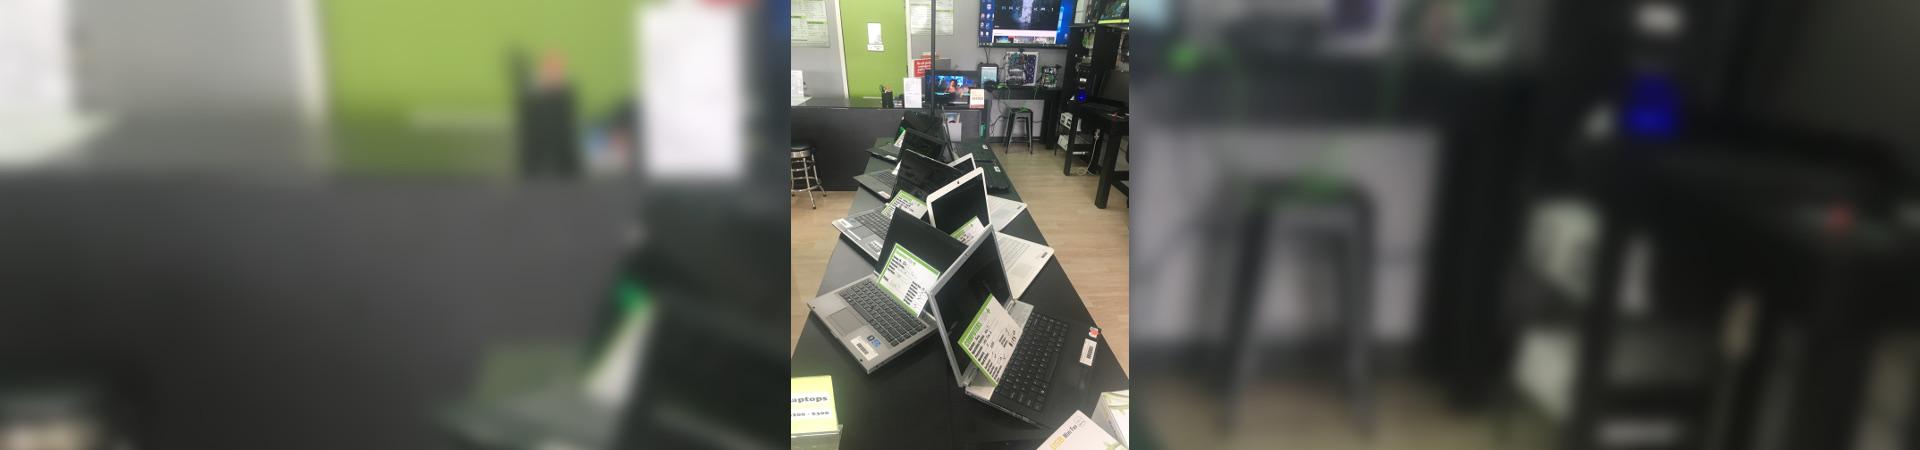 Computer Plus USA